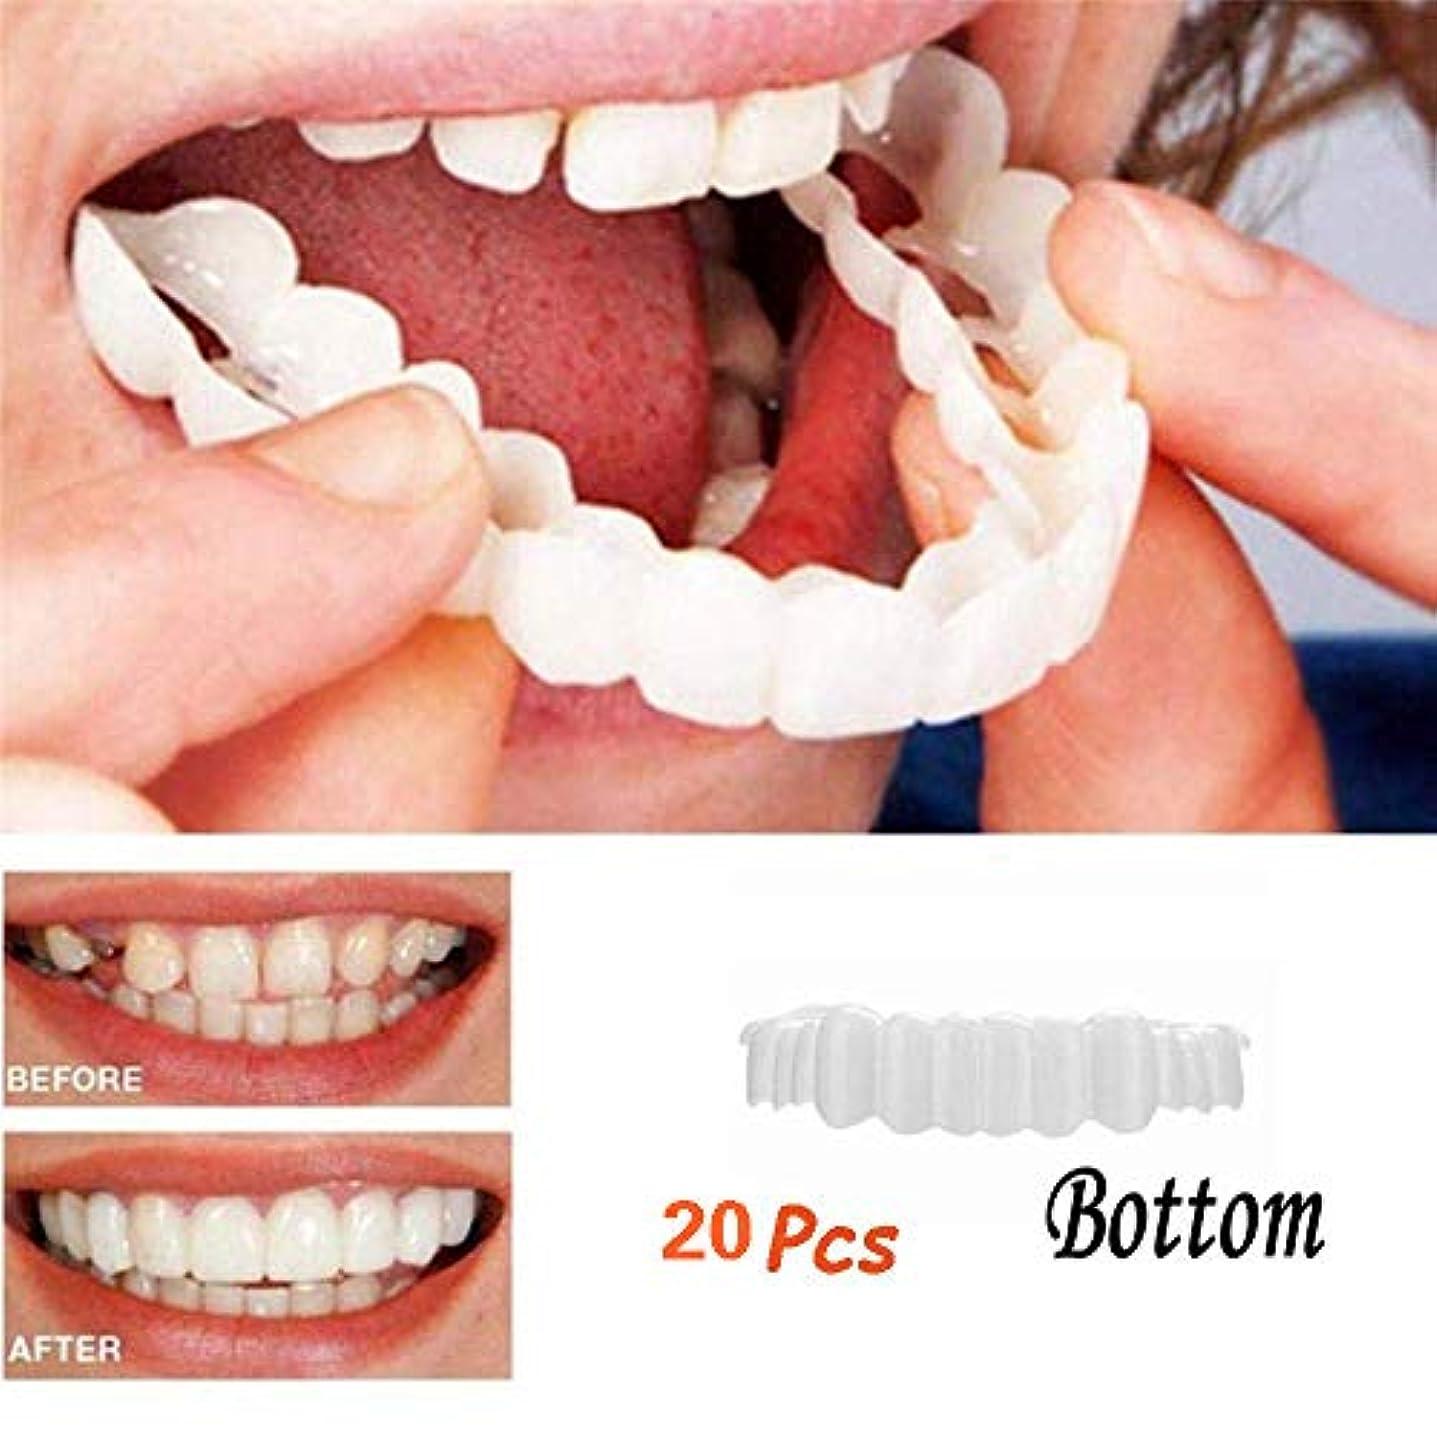 取り替える方向慣習20ピースボトム化粧品歯コンフォートフィットフレックス化粧品歯コーブ義歯歯のホワイトニングスナップオンインスタント笑顔サイズフィット